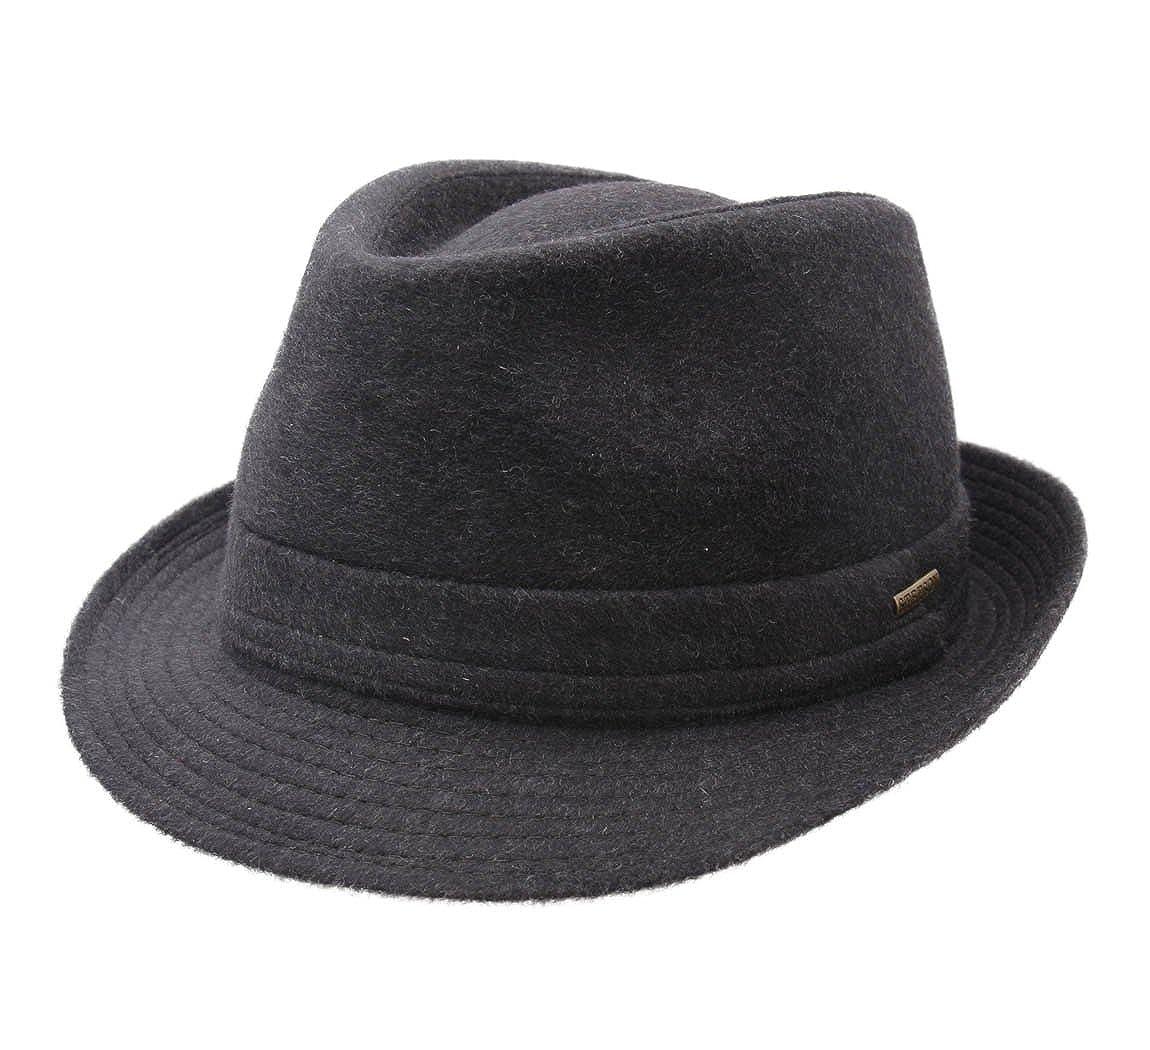 Stetson Trilby Wool Wool Felt Trilby Hat